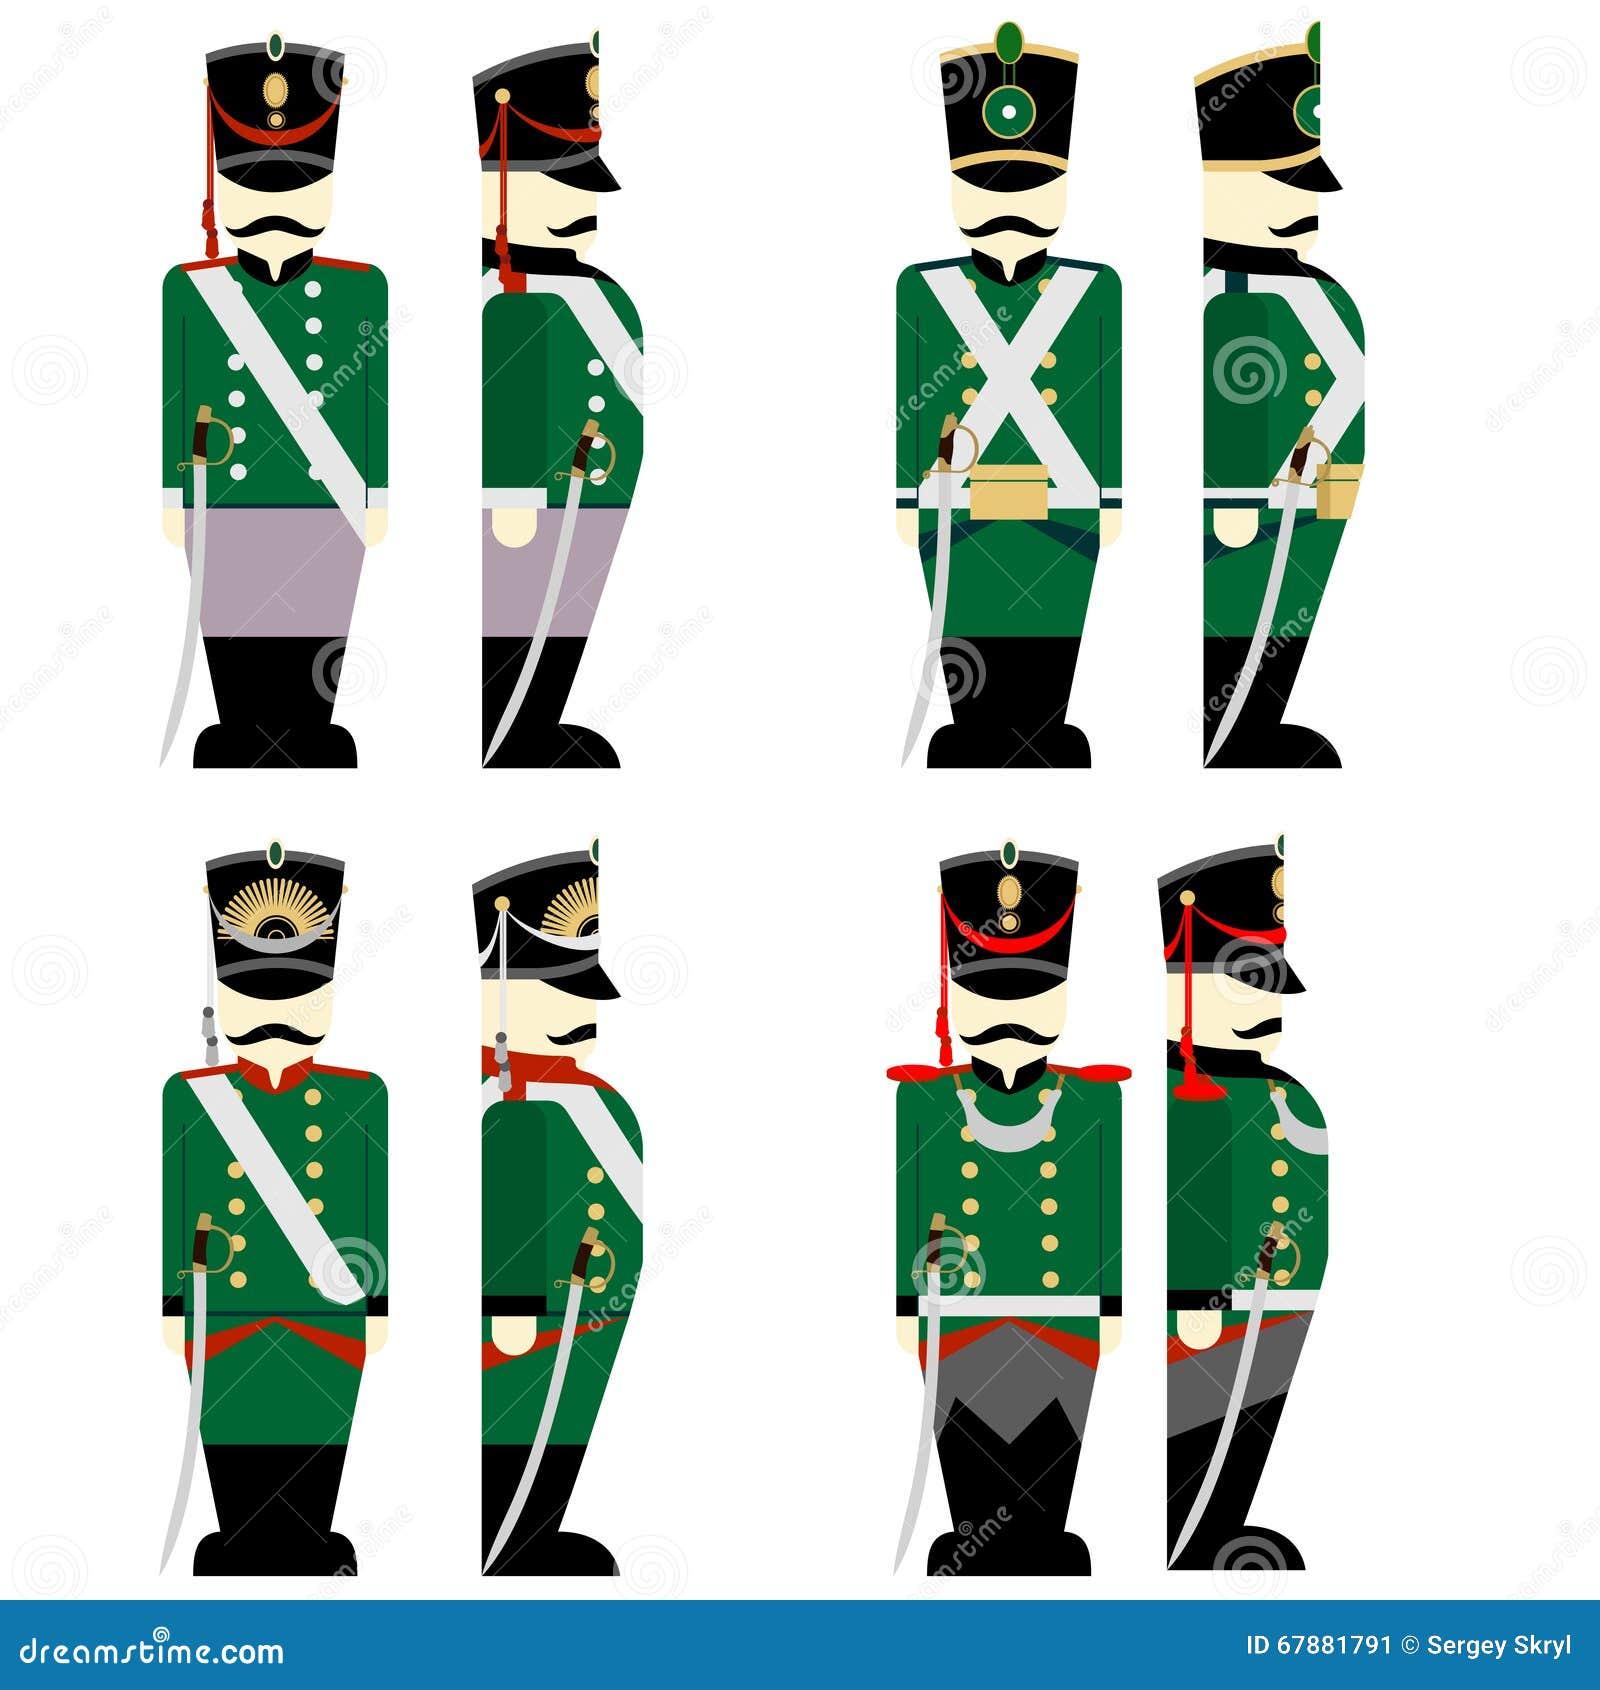 577239d5378 Ρωσικός στρατός στρατιωτικών στολών το 1812 Διανυσματική απεικόνιση ...